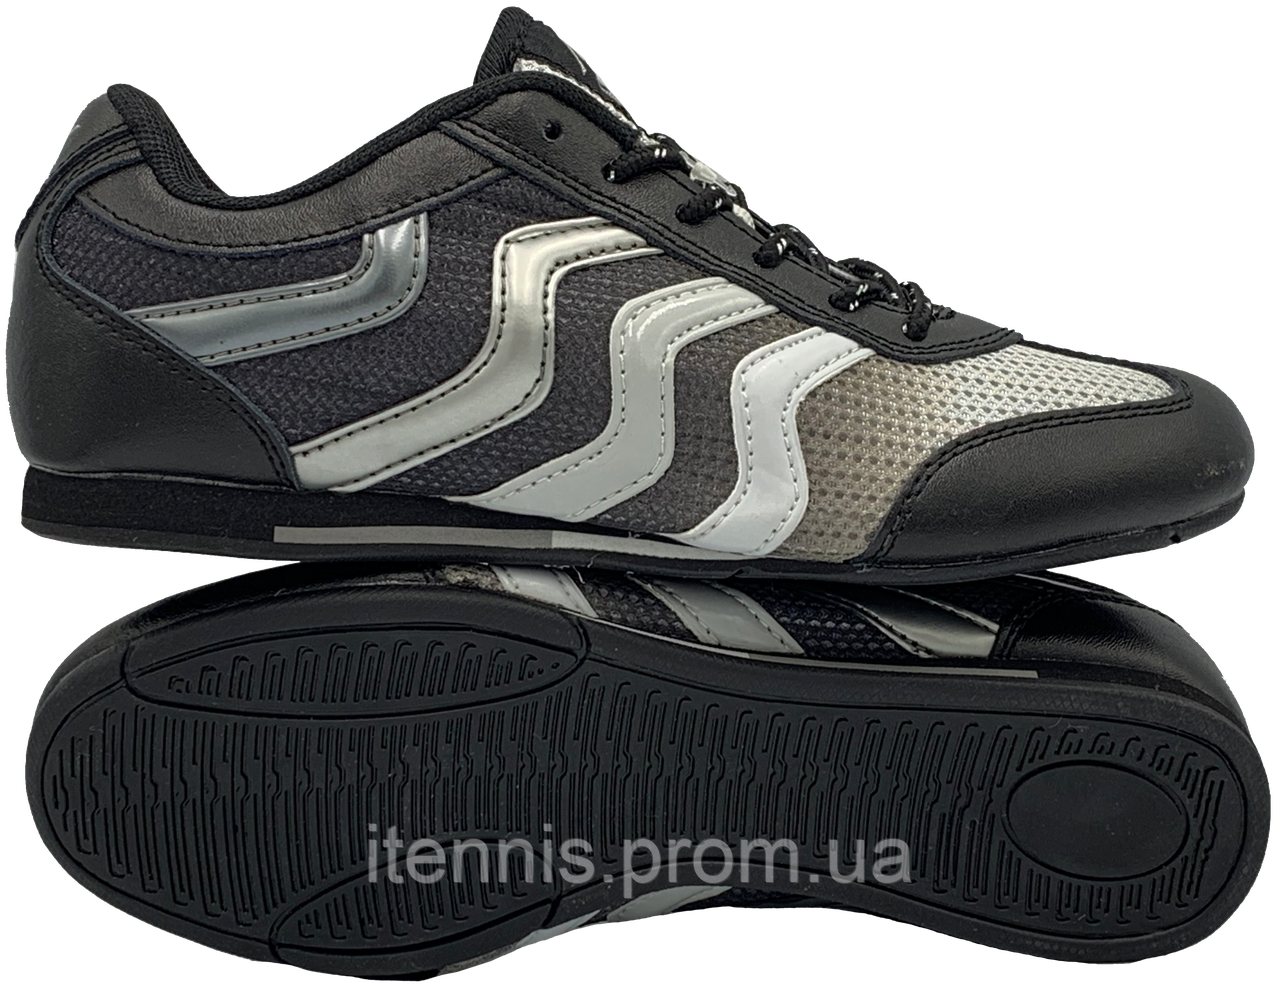 Футзалки DeMur (р. 36-41) Black-Grey